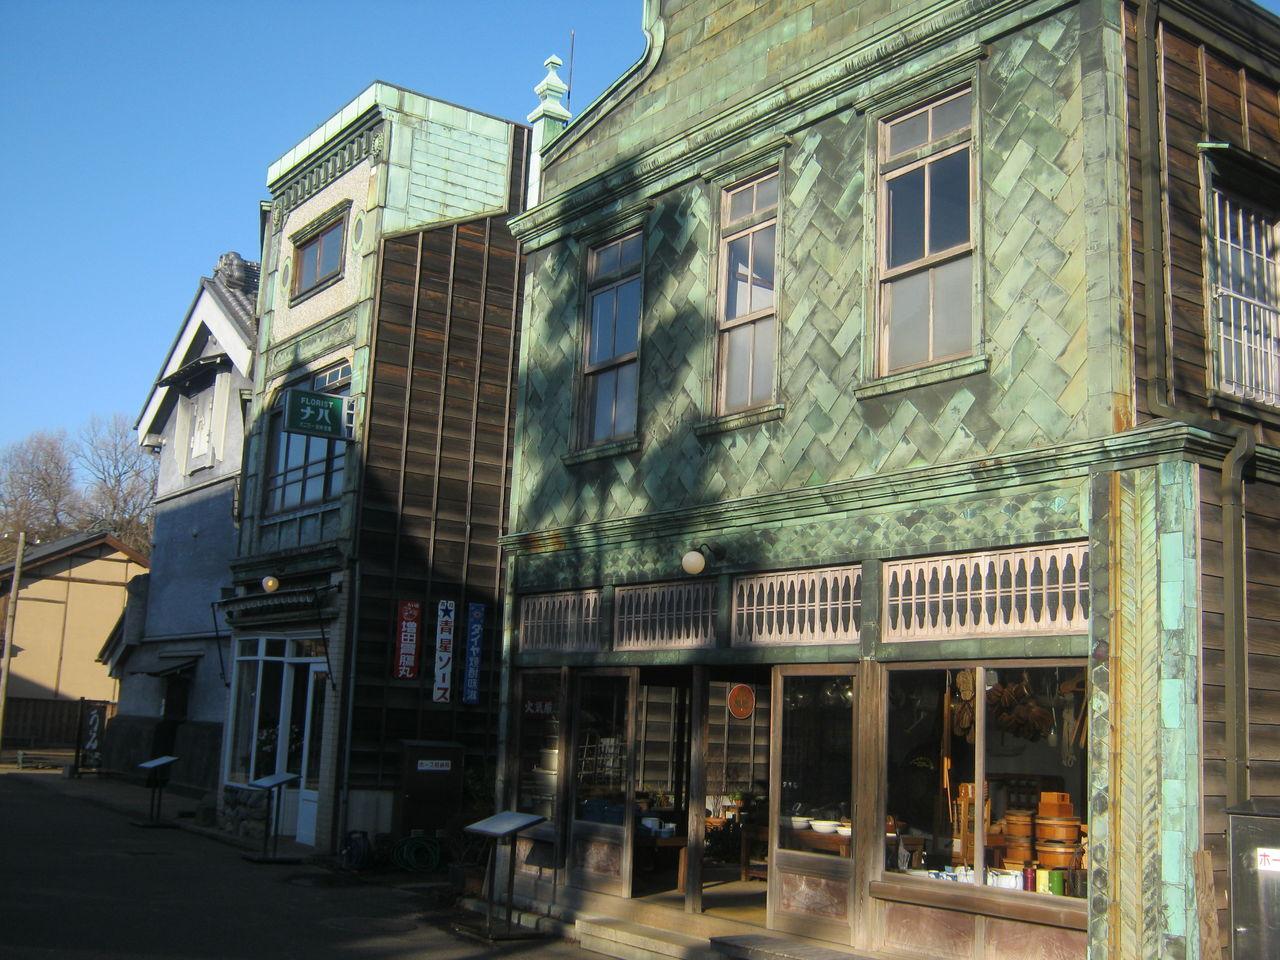 関東大震災後に流行った看板建築。前面に貼られた銅板のデザインがかわいい。